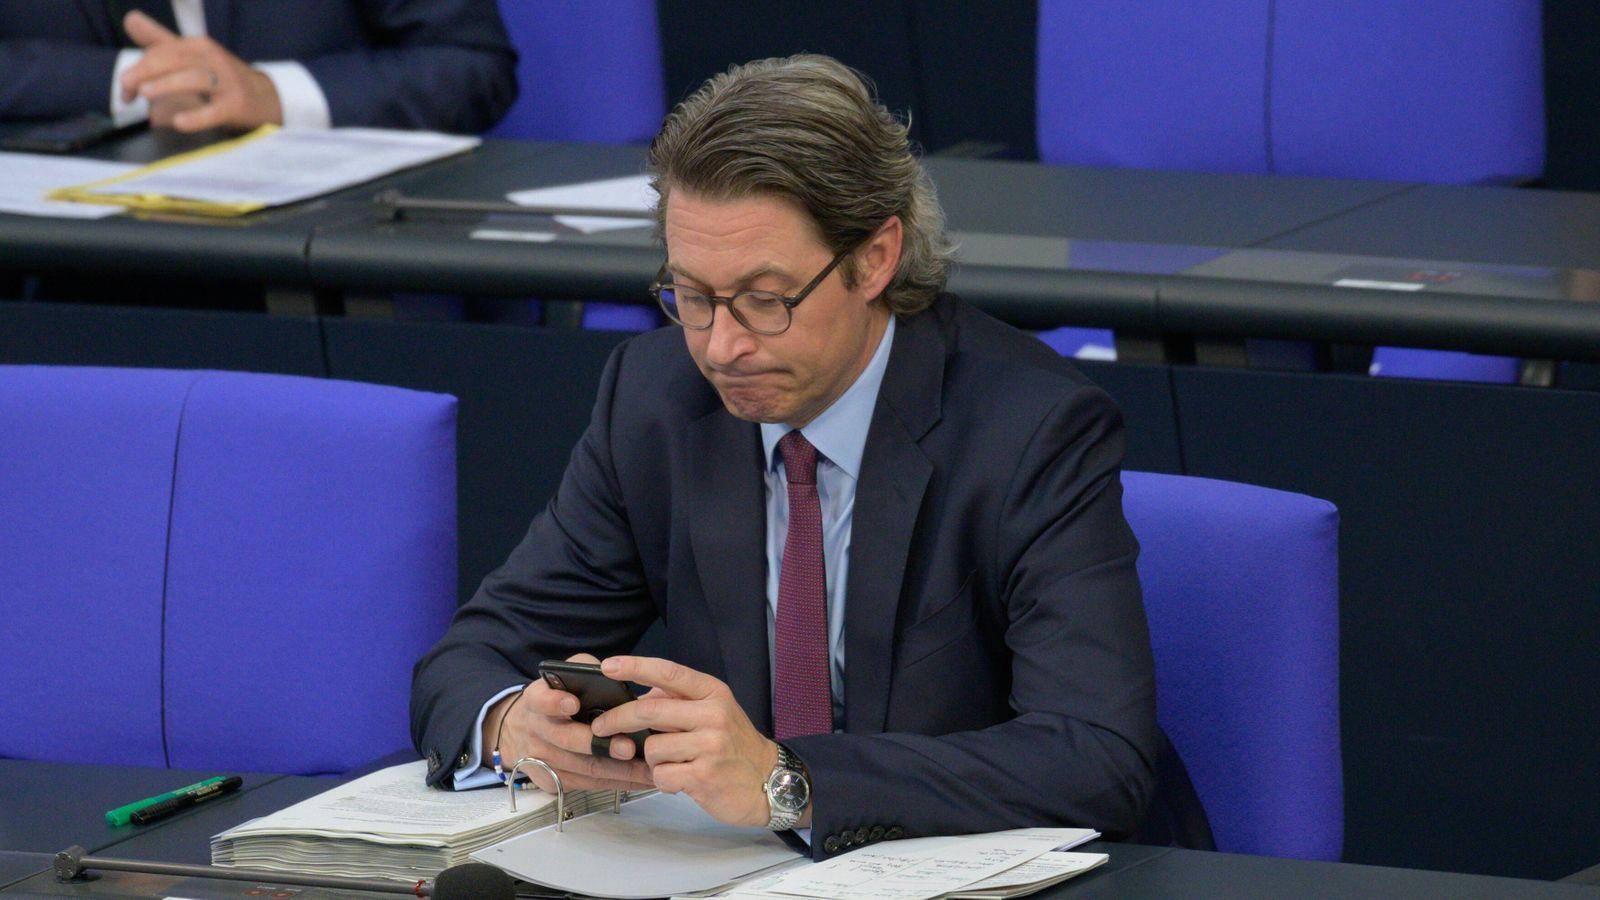 Berlin GER, Berlin, Fragestunde im Deutschen Bundestag ,22.04.2020 Andreas Scheuer - CSU - Mitglied des Deutschen Bundes